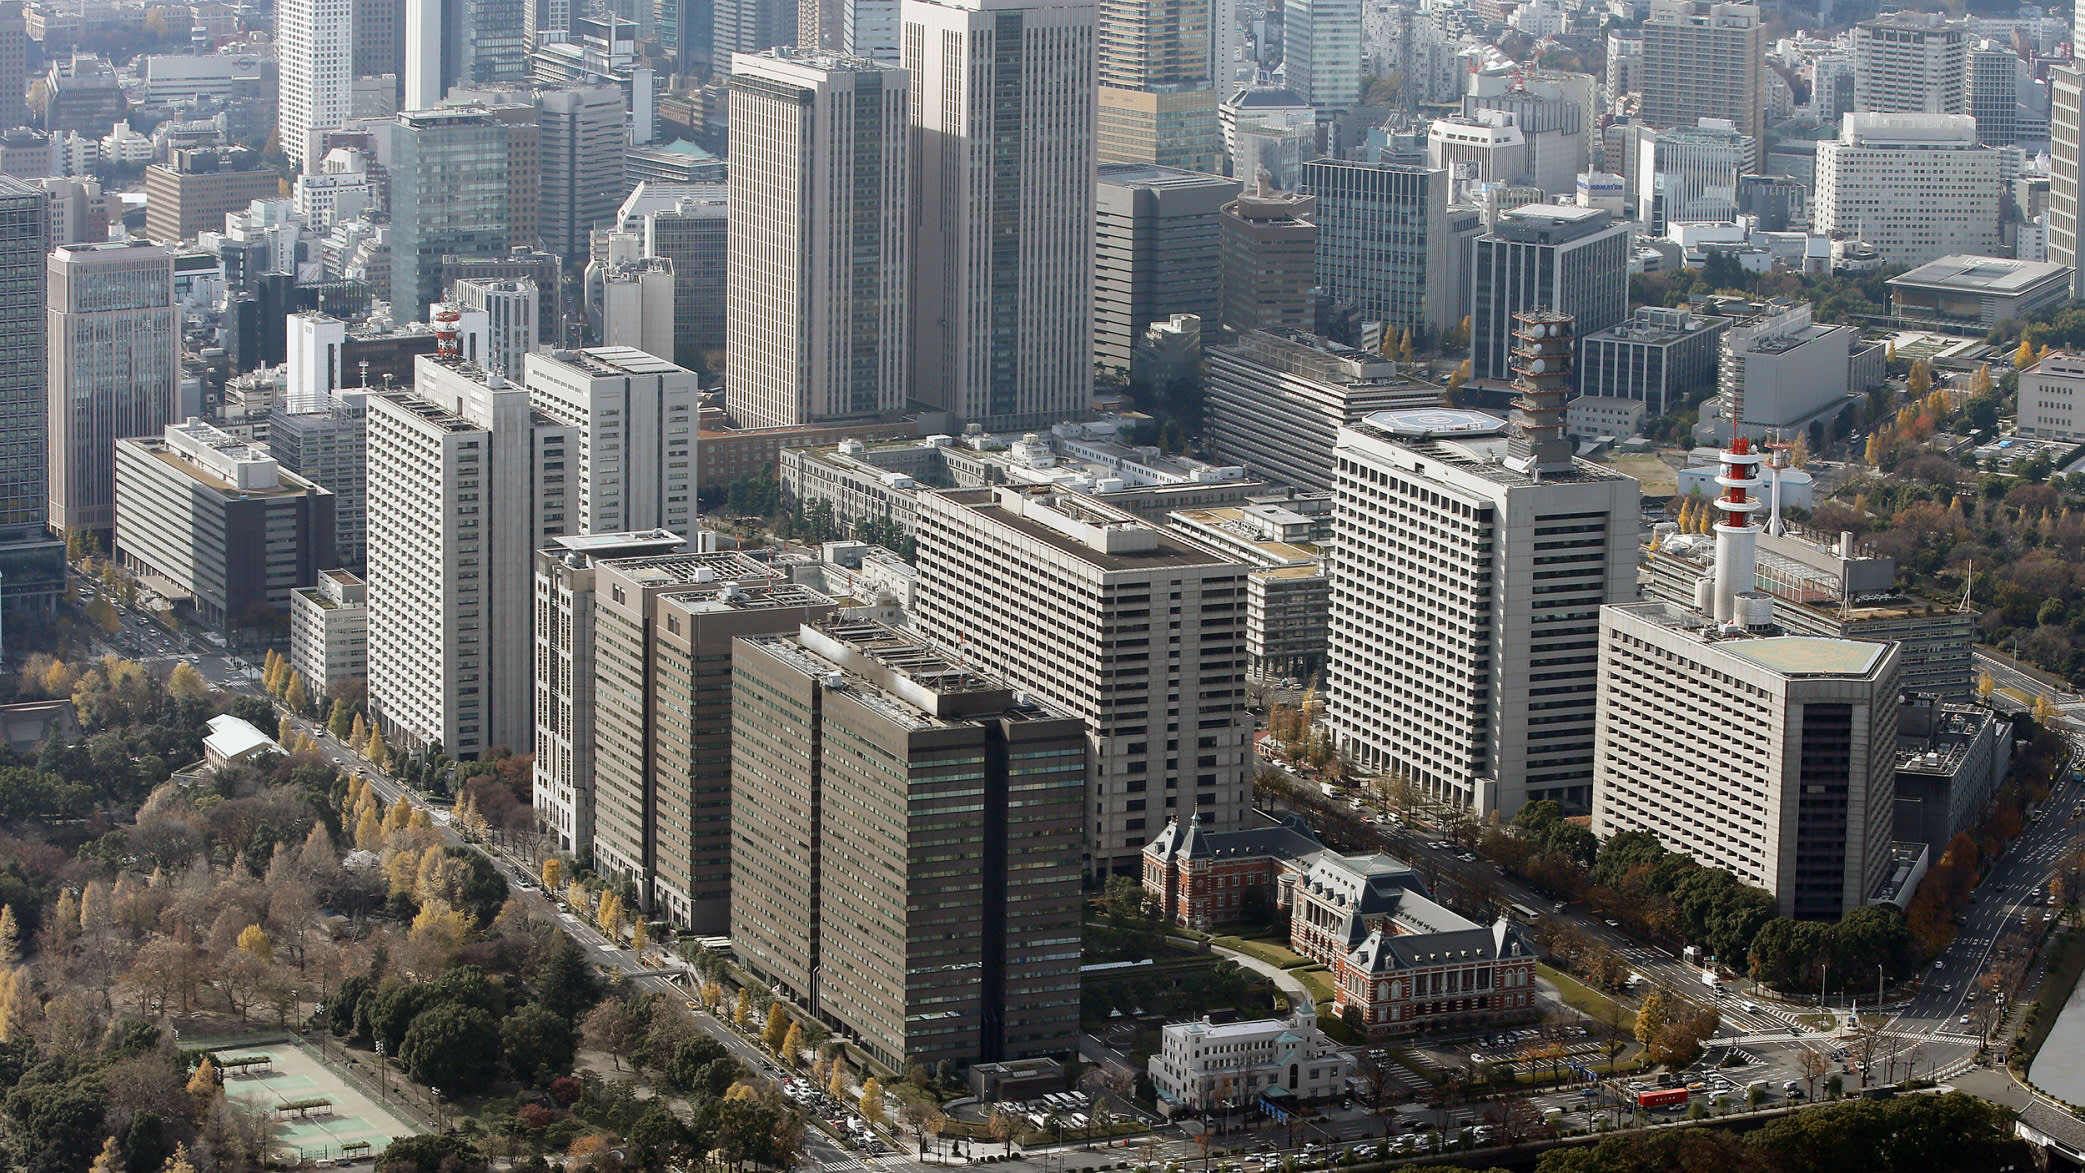 Ngân hàng Trung ương Nhật khẳng định duy trì chính sách tiền tệ siêu nới lỏng